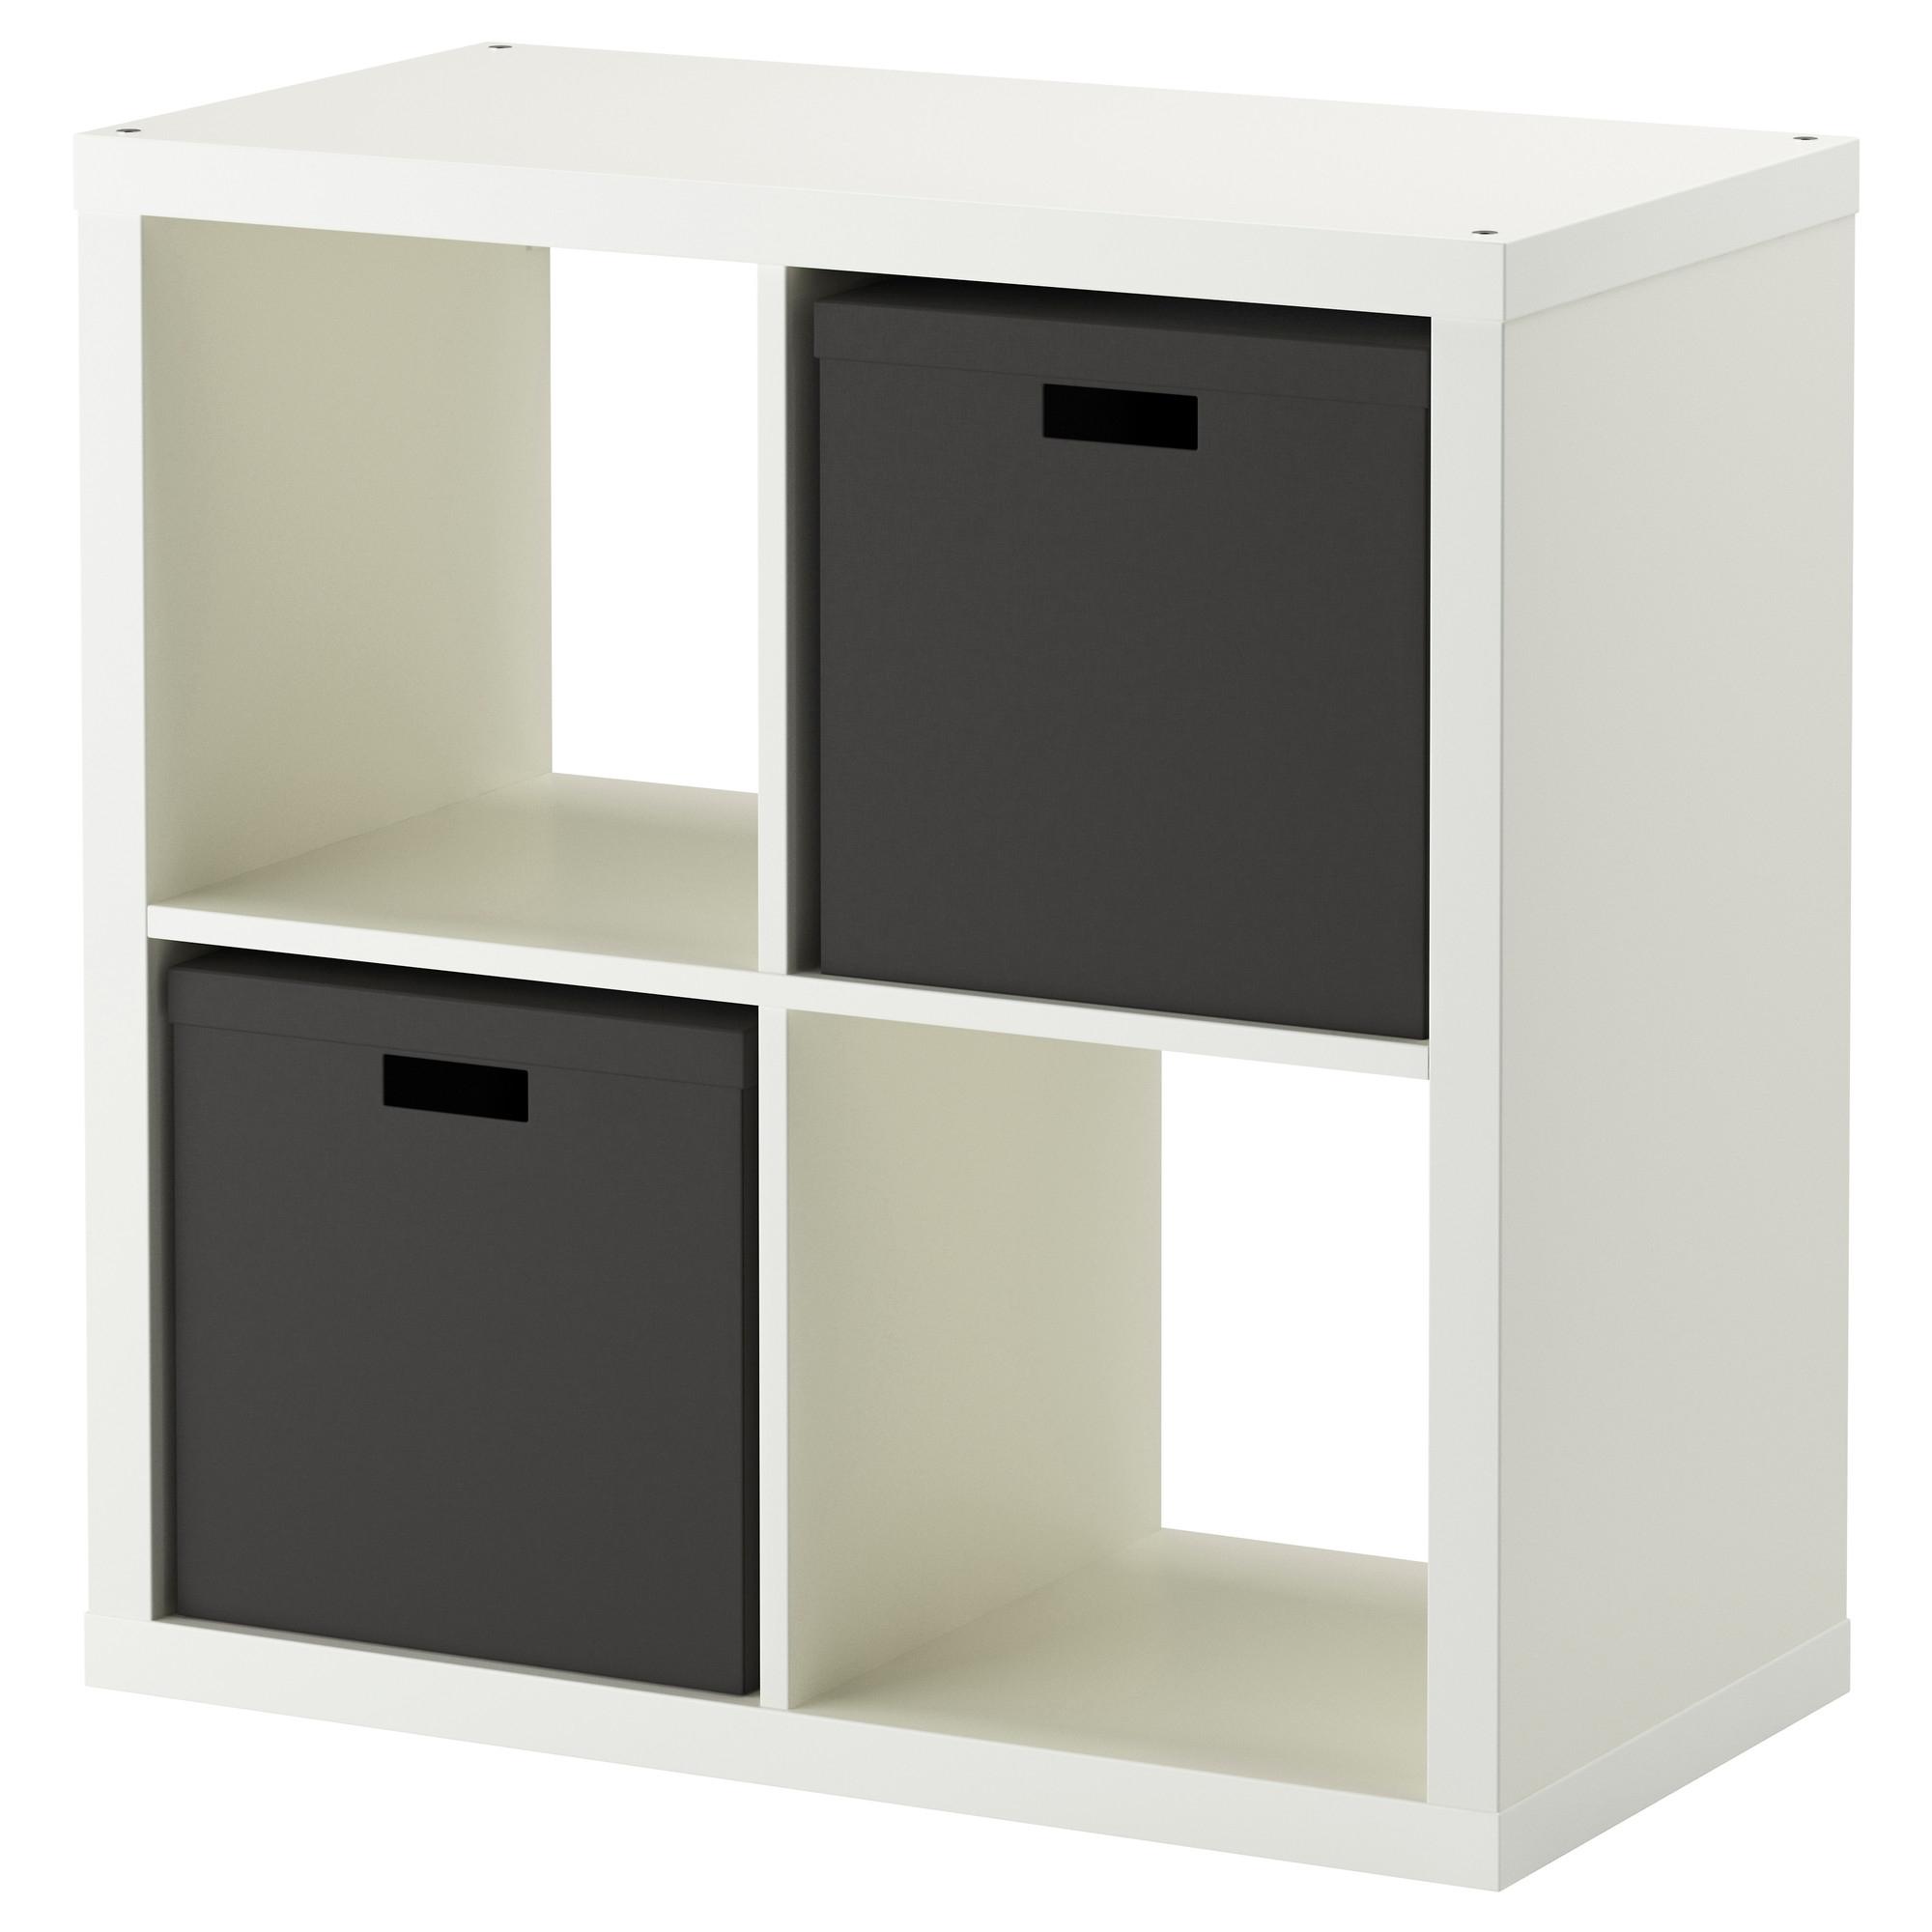 Kallax estanter a 2 accesorios - Accesorios kallax ...